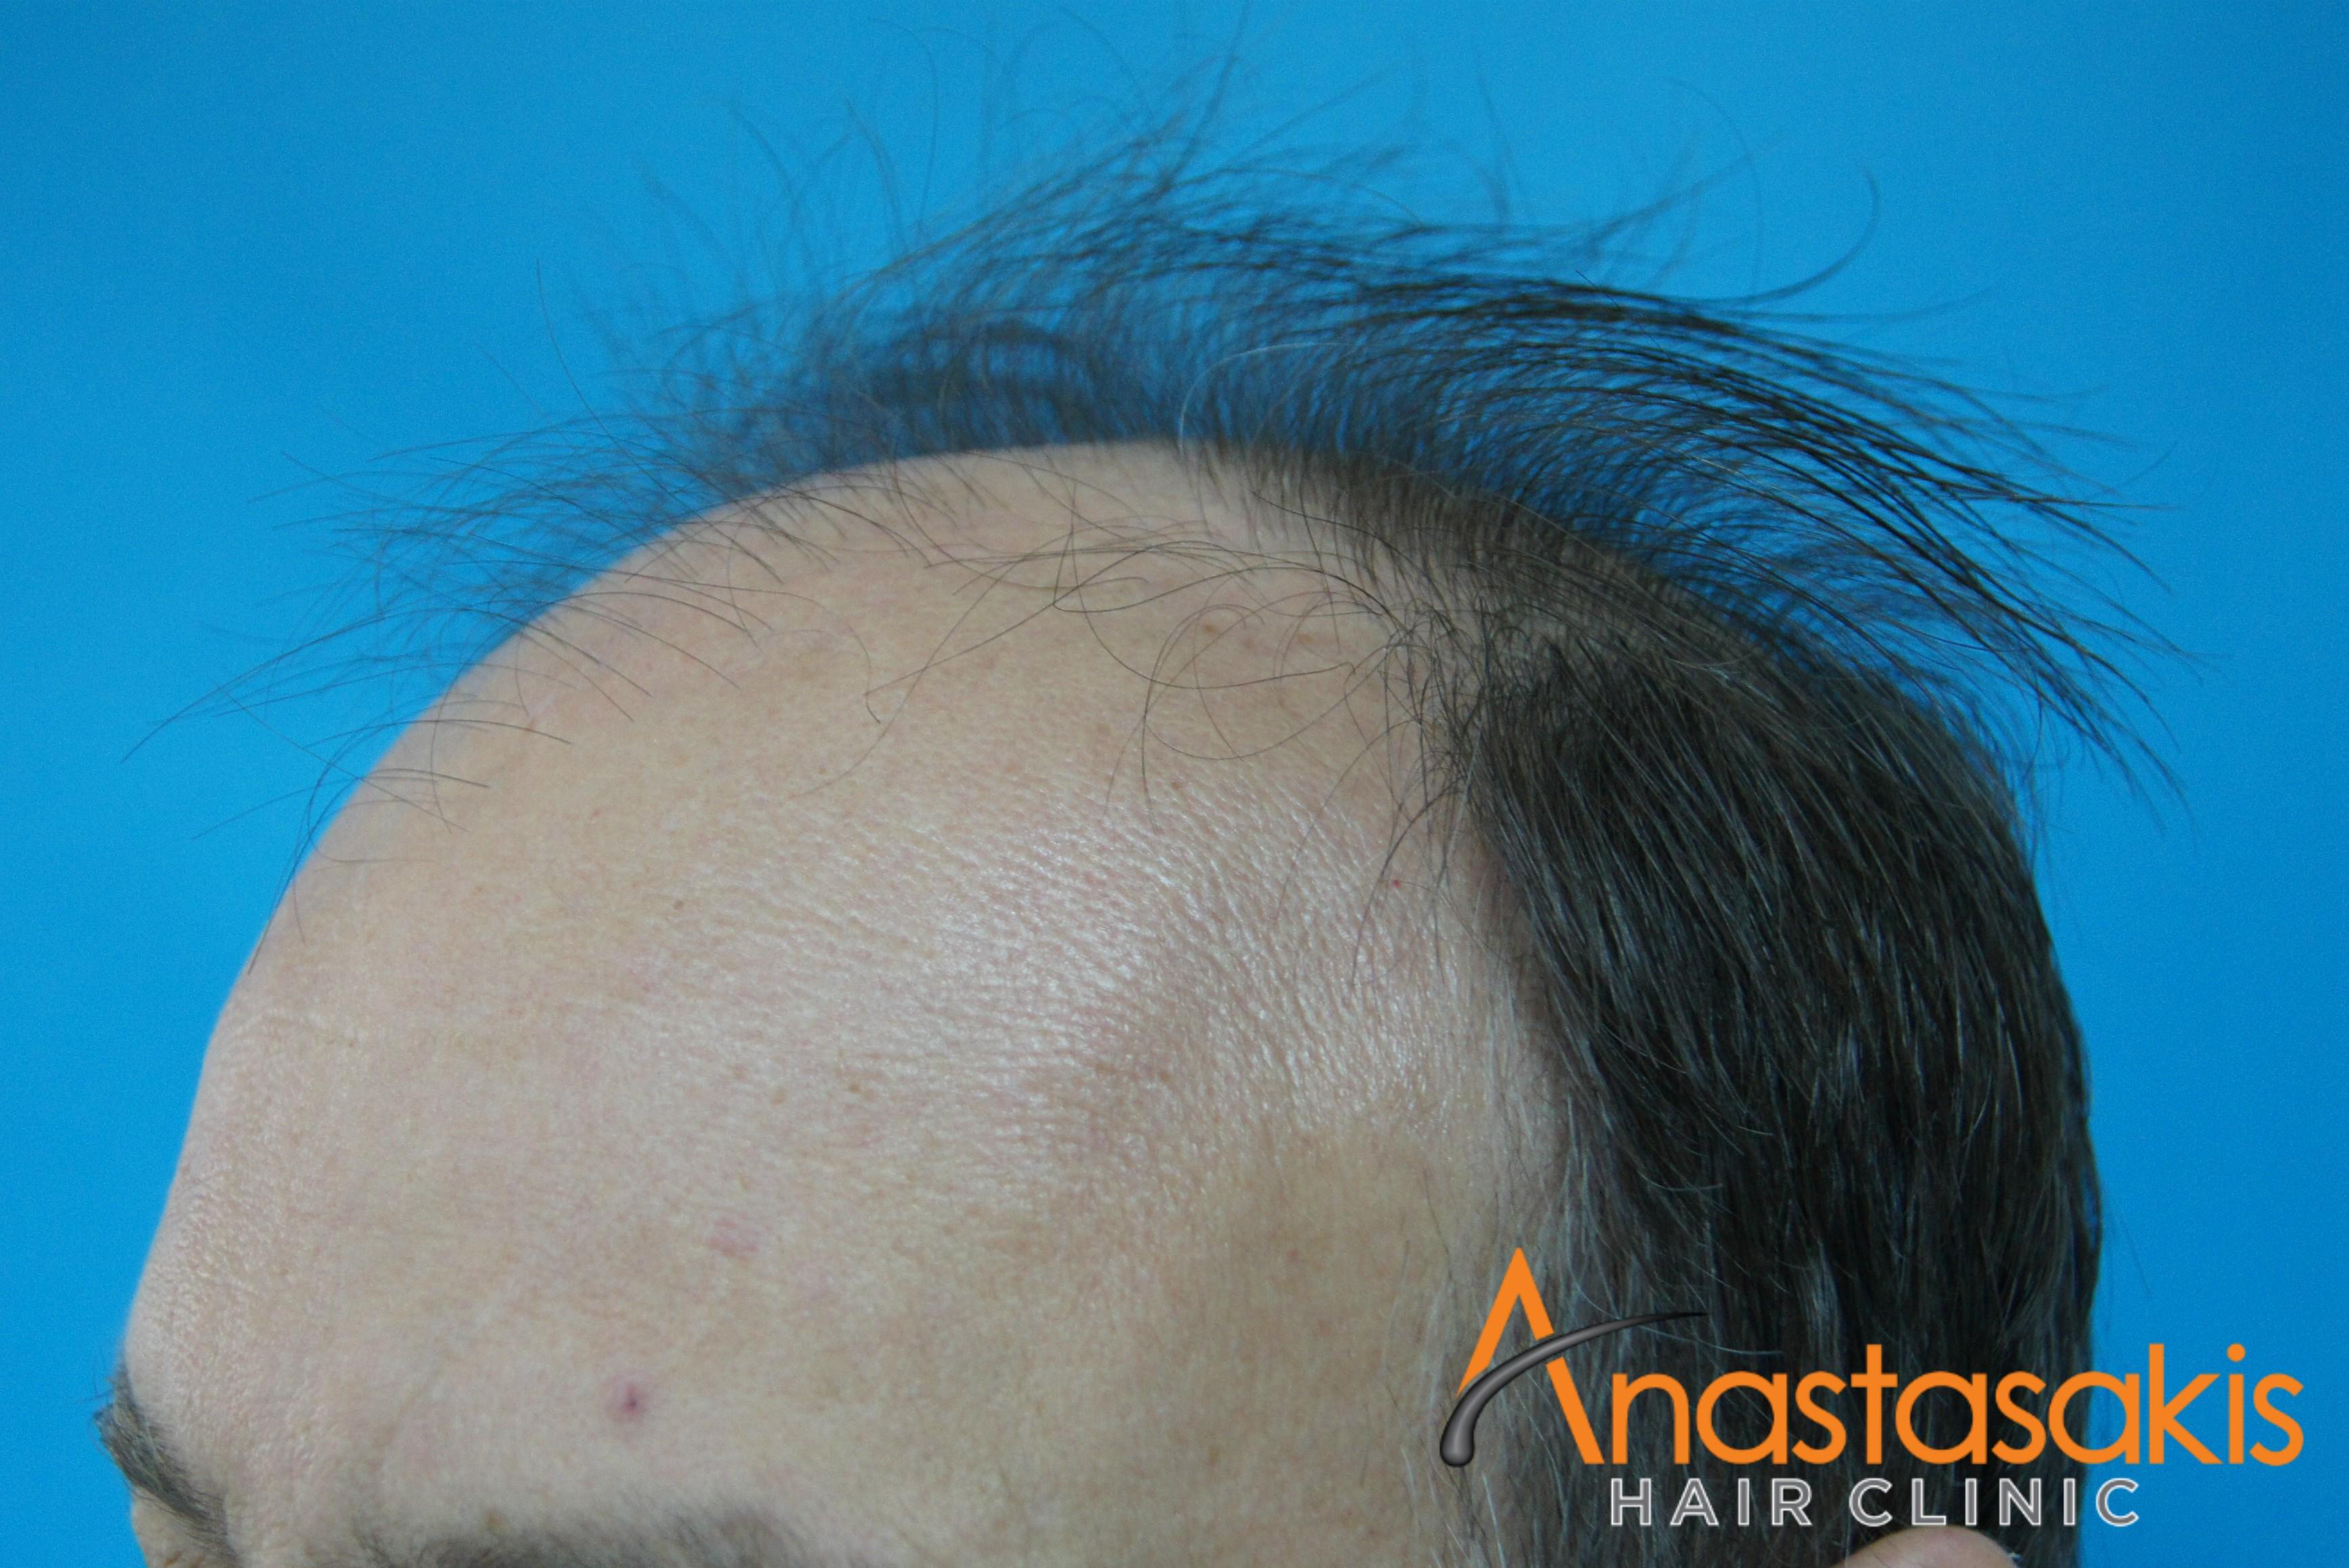 ασθενής πριν την μεταμόσχευση μαλλιών fut με 3500fus δεξί προφίλ